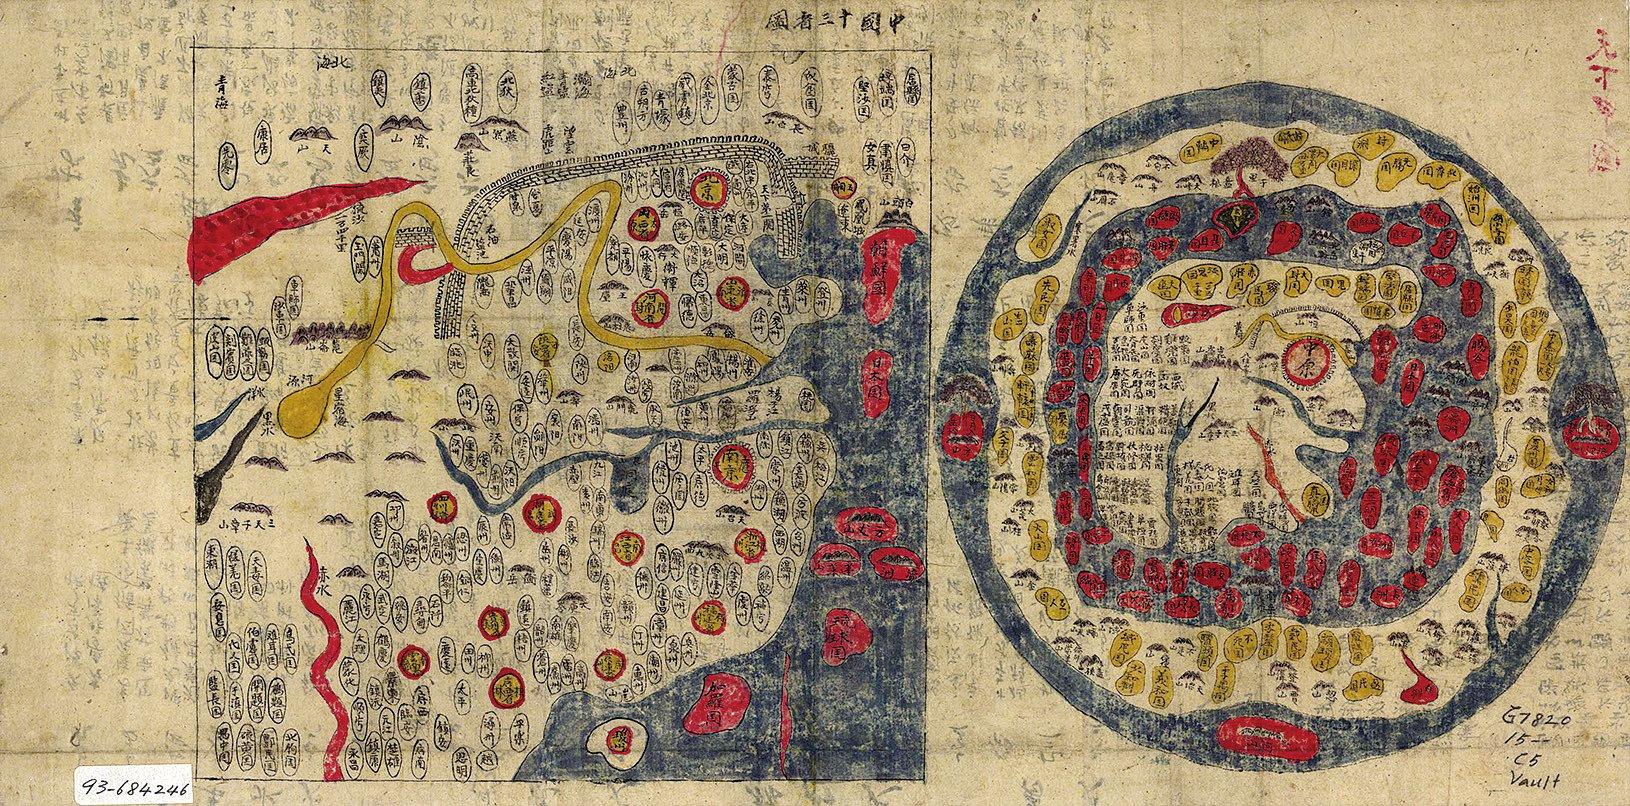 《山海經》中的地圖很多學者認為是中國地圖,但實際上是世界地圖(或包含另外空間),其中也有繪製美國的山脈和大峽谷。(網絡圖片)